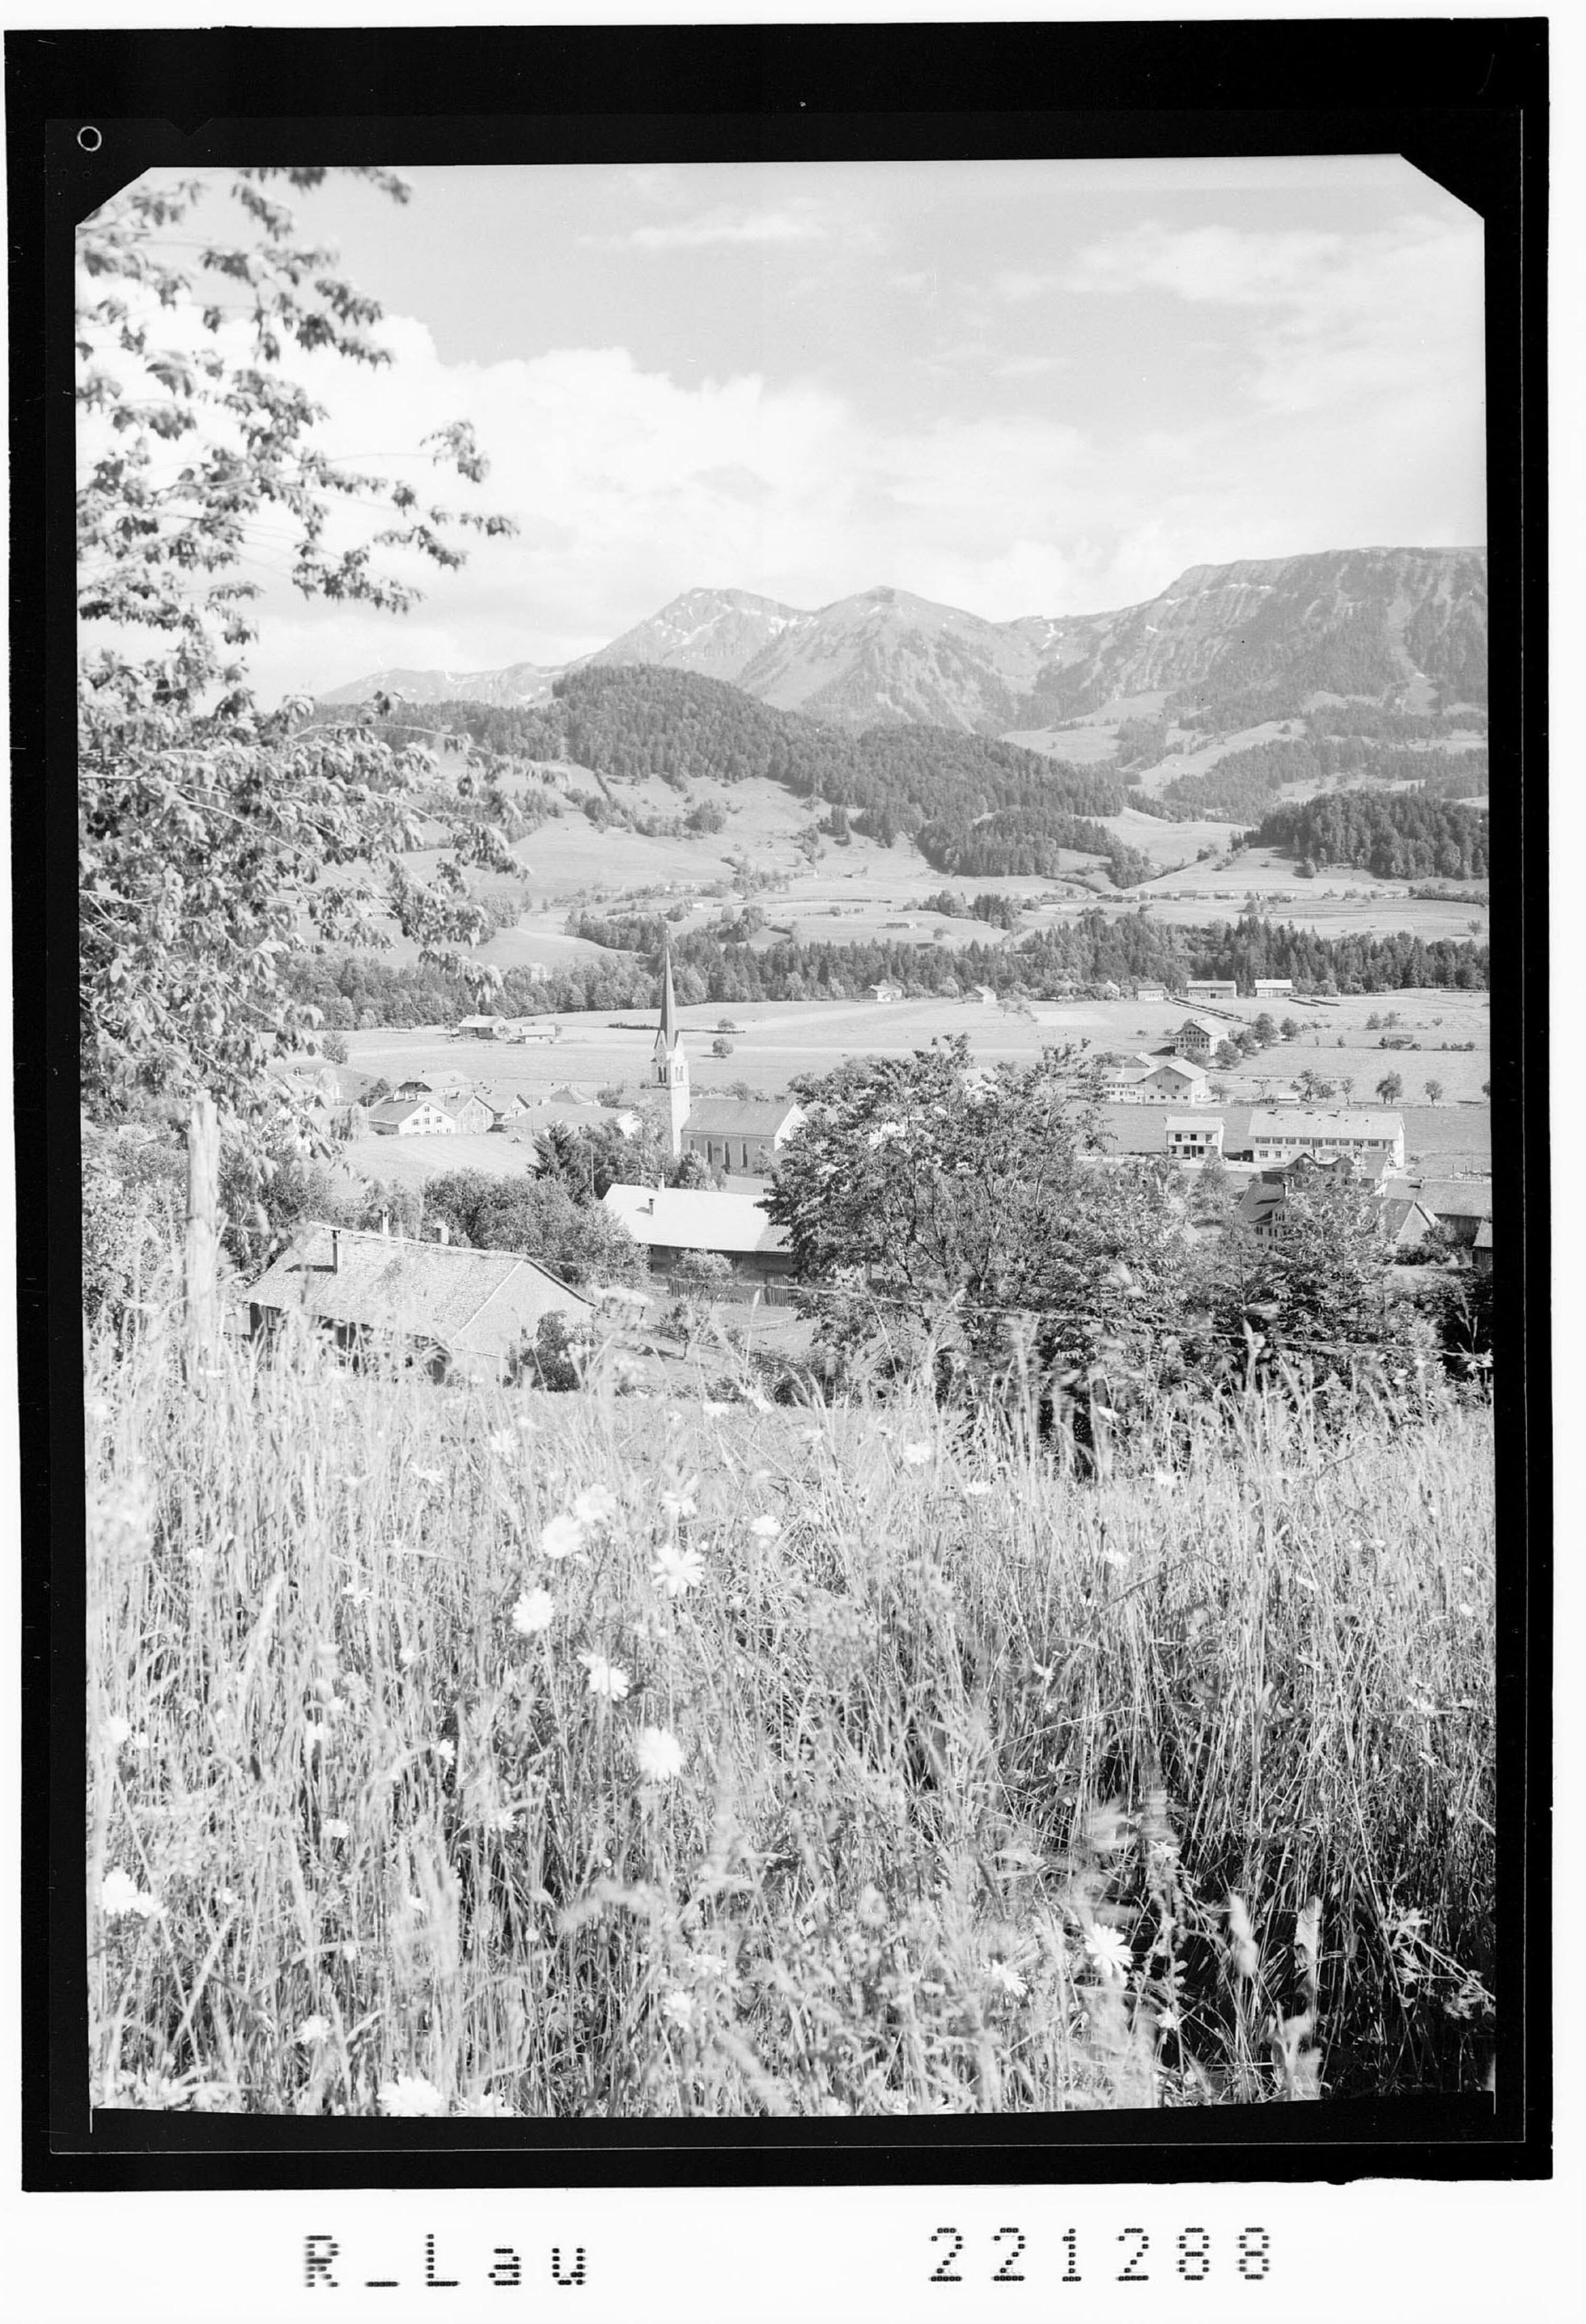 Lingenau im Bregenzerwald gegen Winterstaude von Risch-Lau